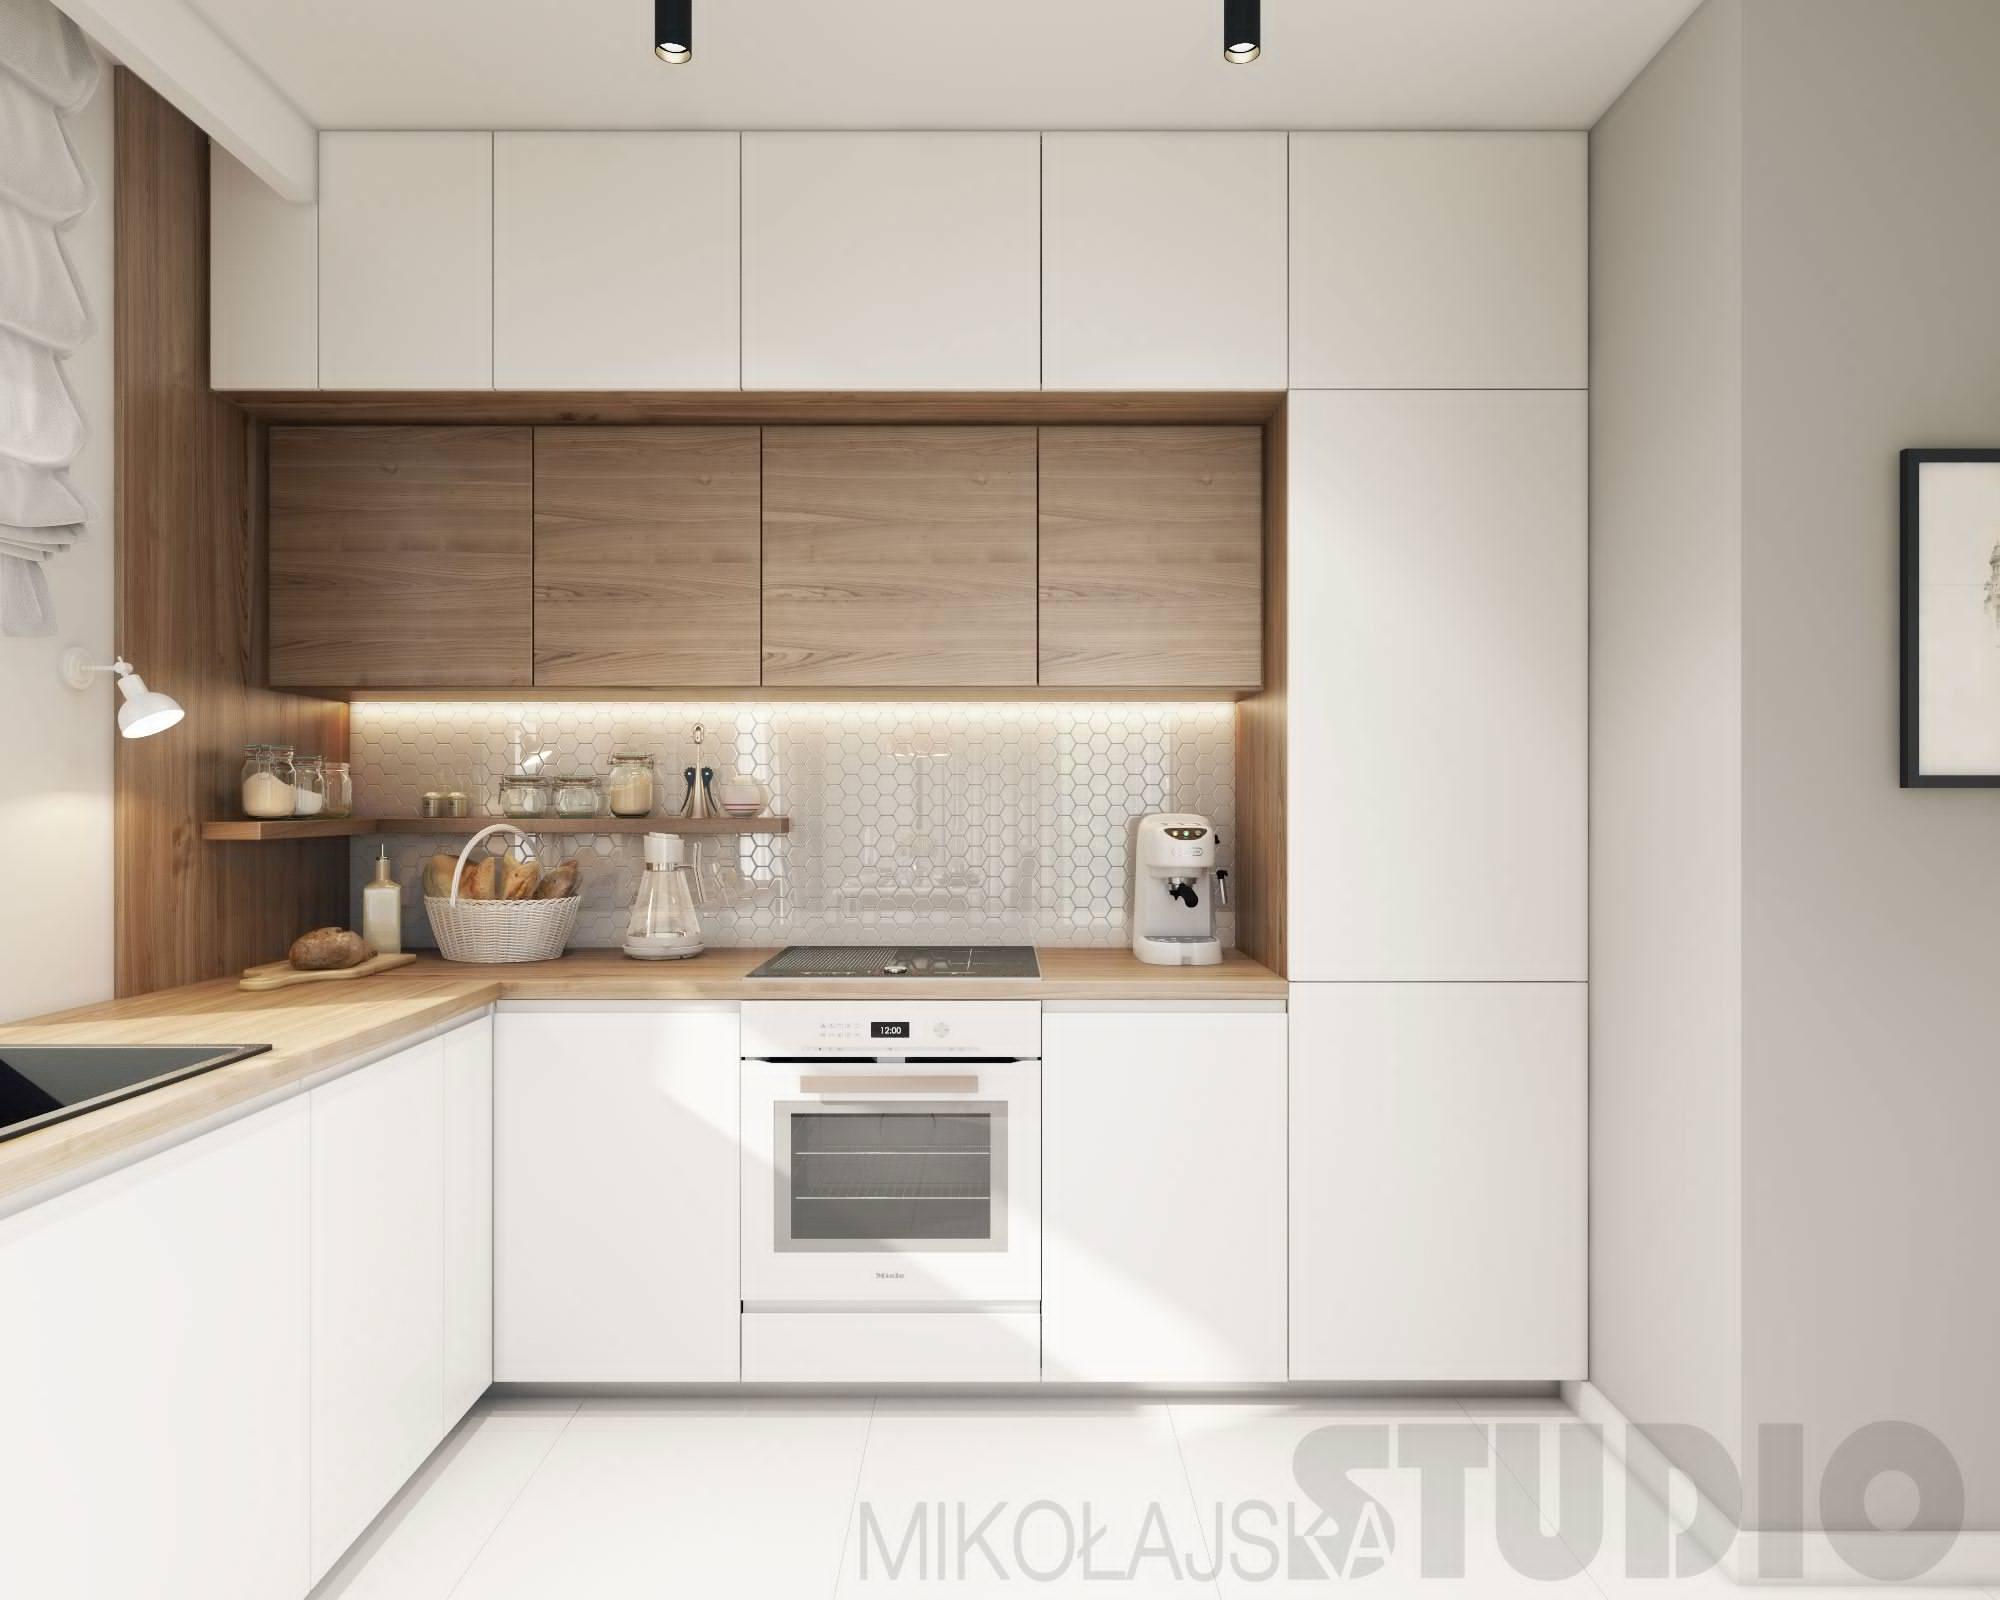 Yeni Mutfak Tasarımları 2019